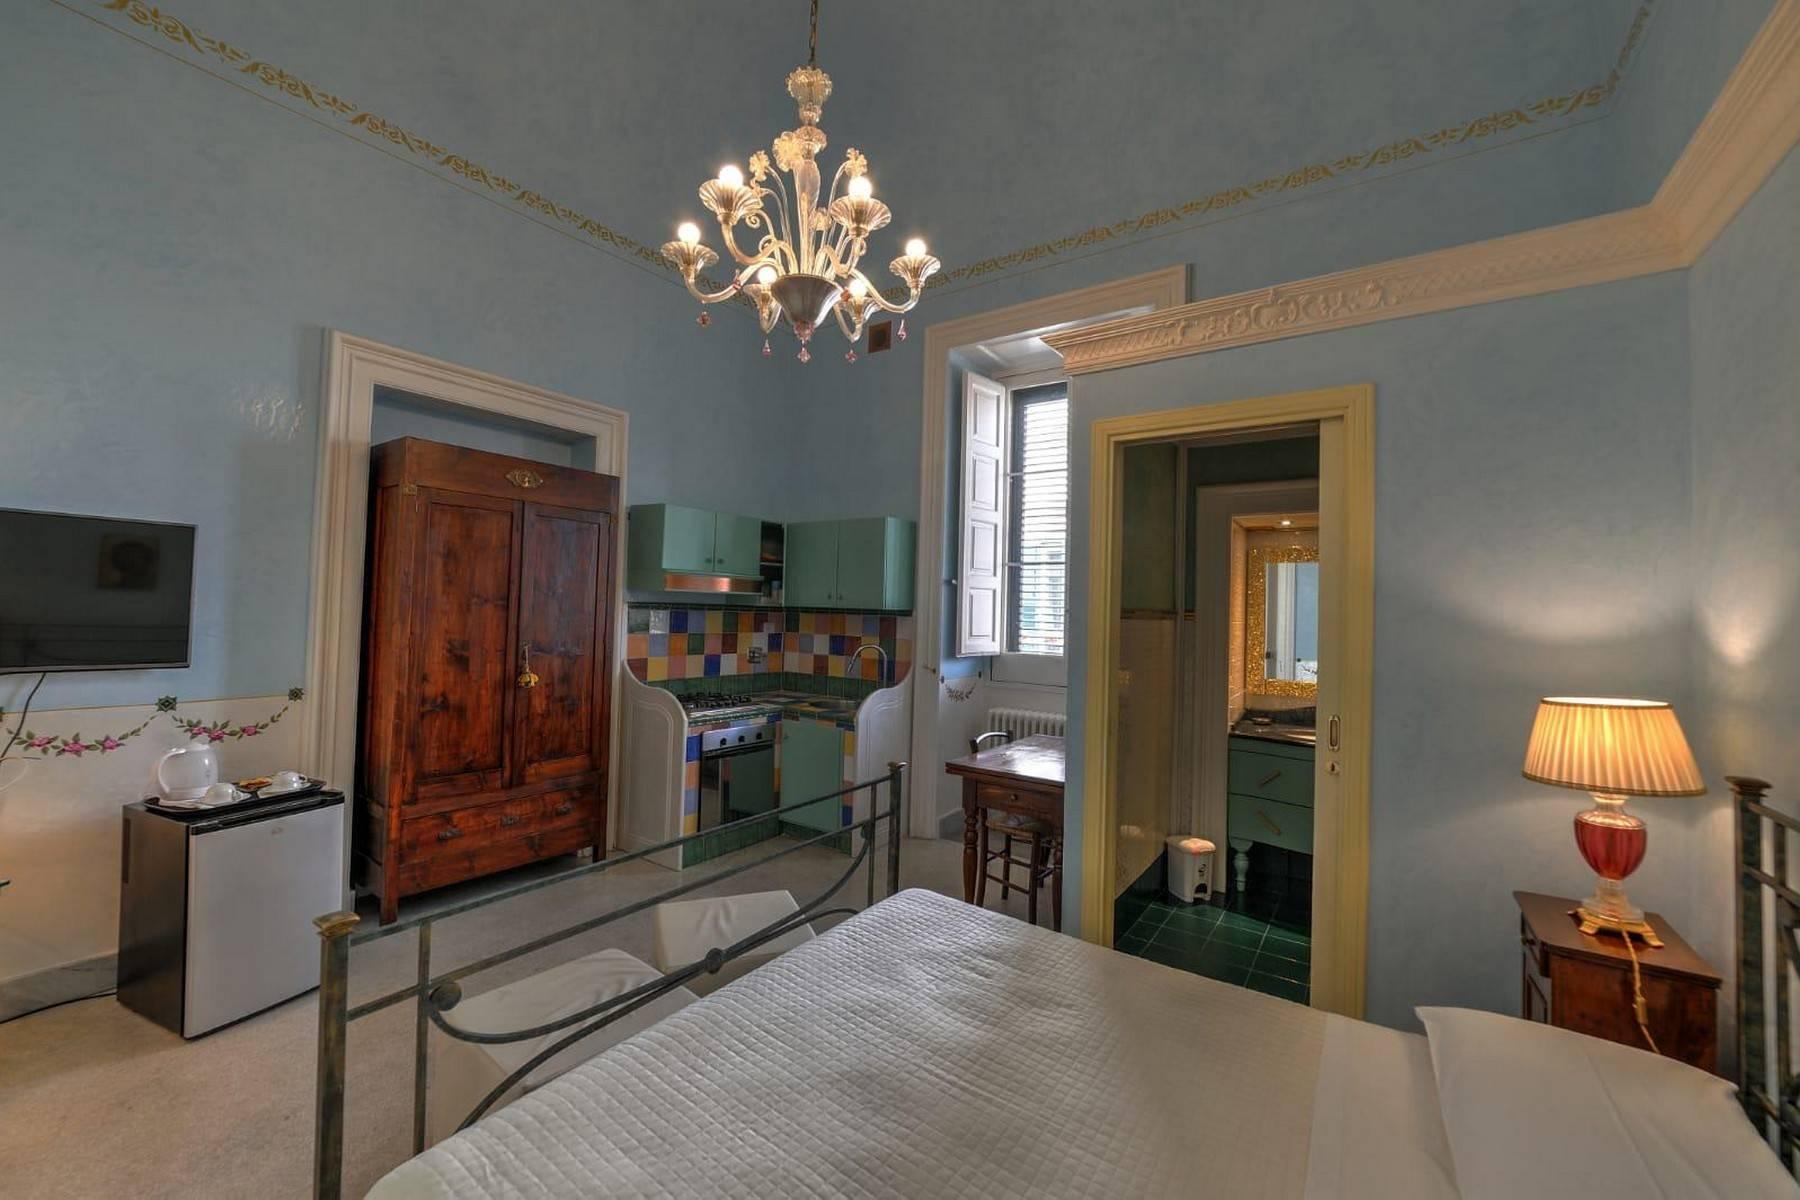 Palazzo in Vendita a Galatina: 5 locali, 400 mq - Foto 15